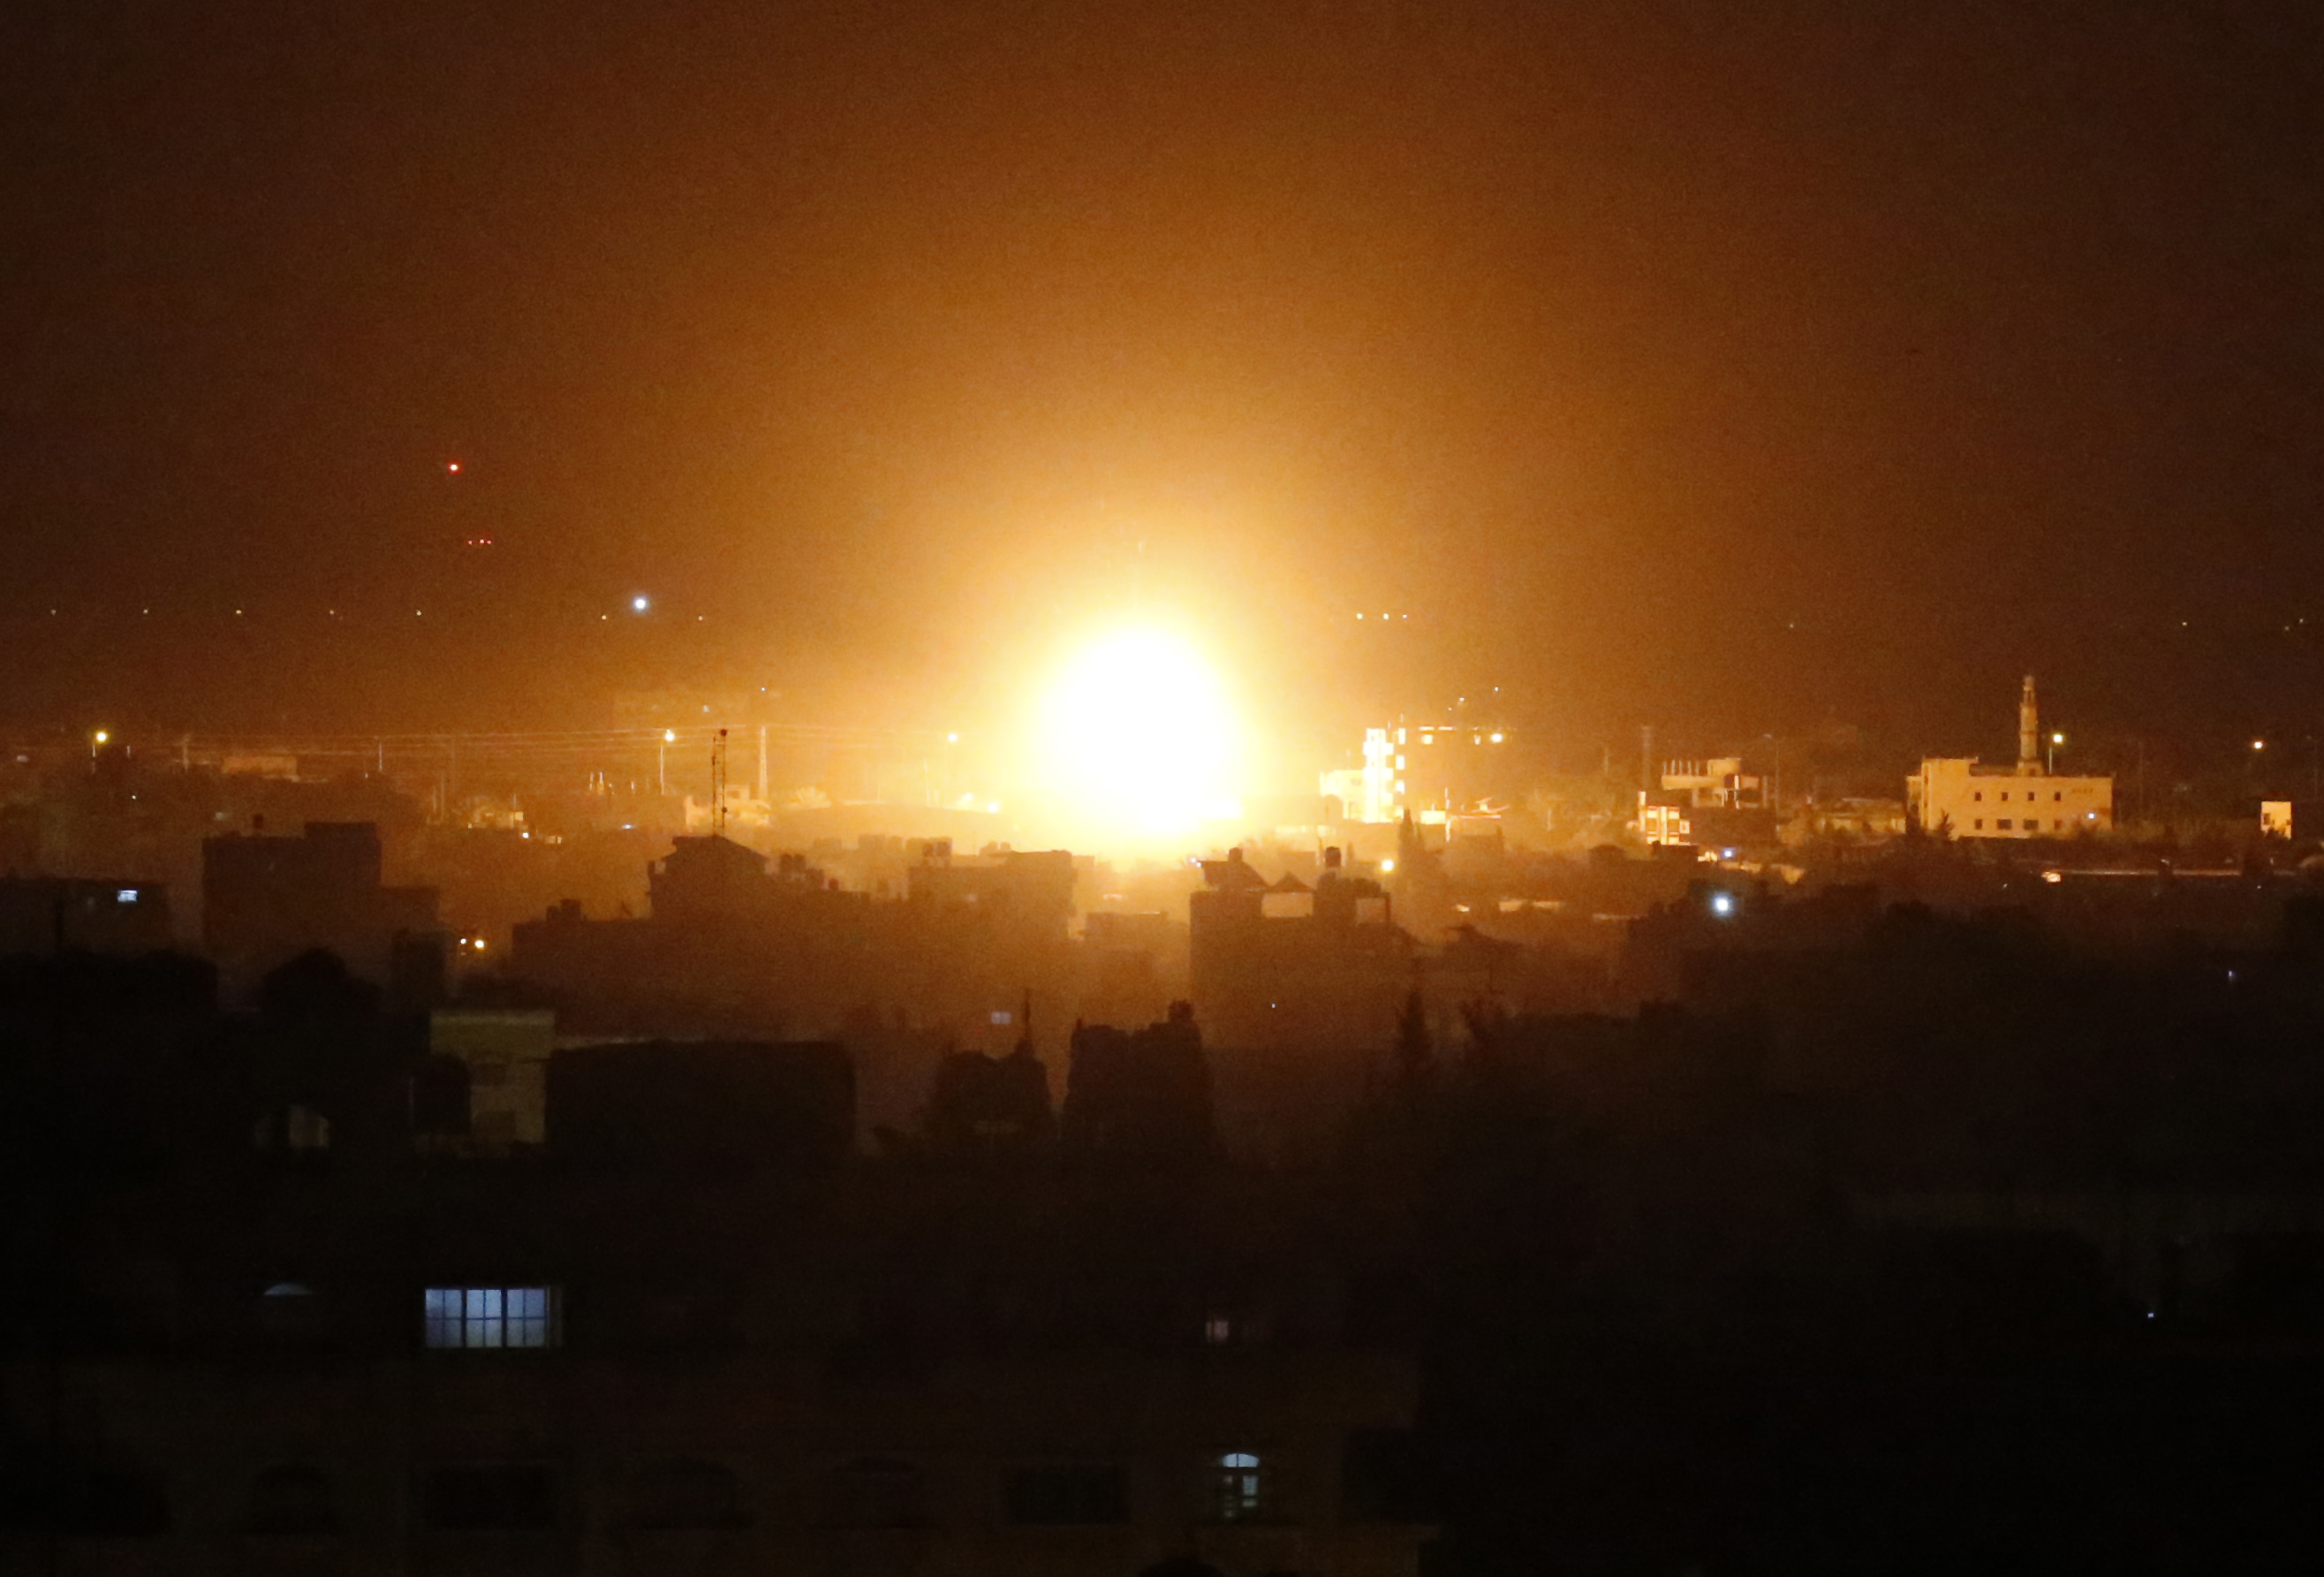 傳以色列空襲敘利亞 北韓導彈專家多人死傷